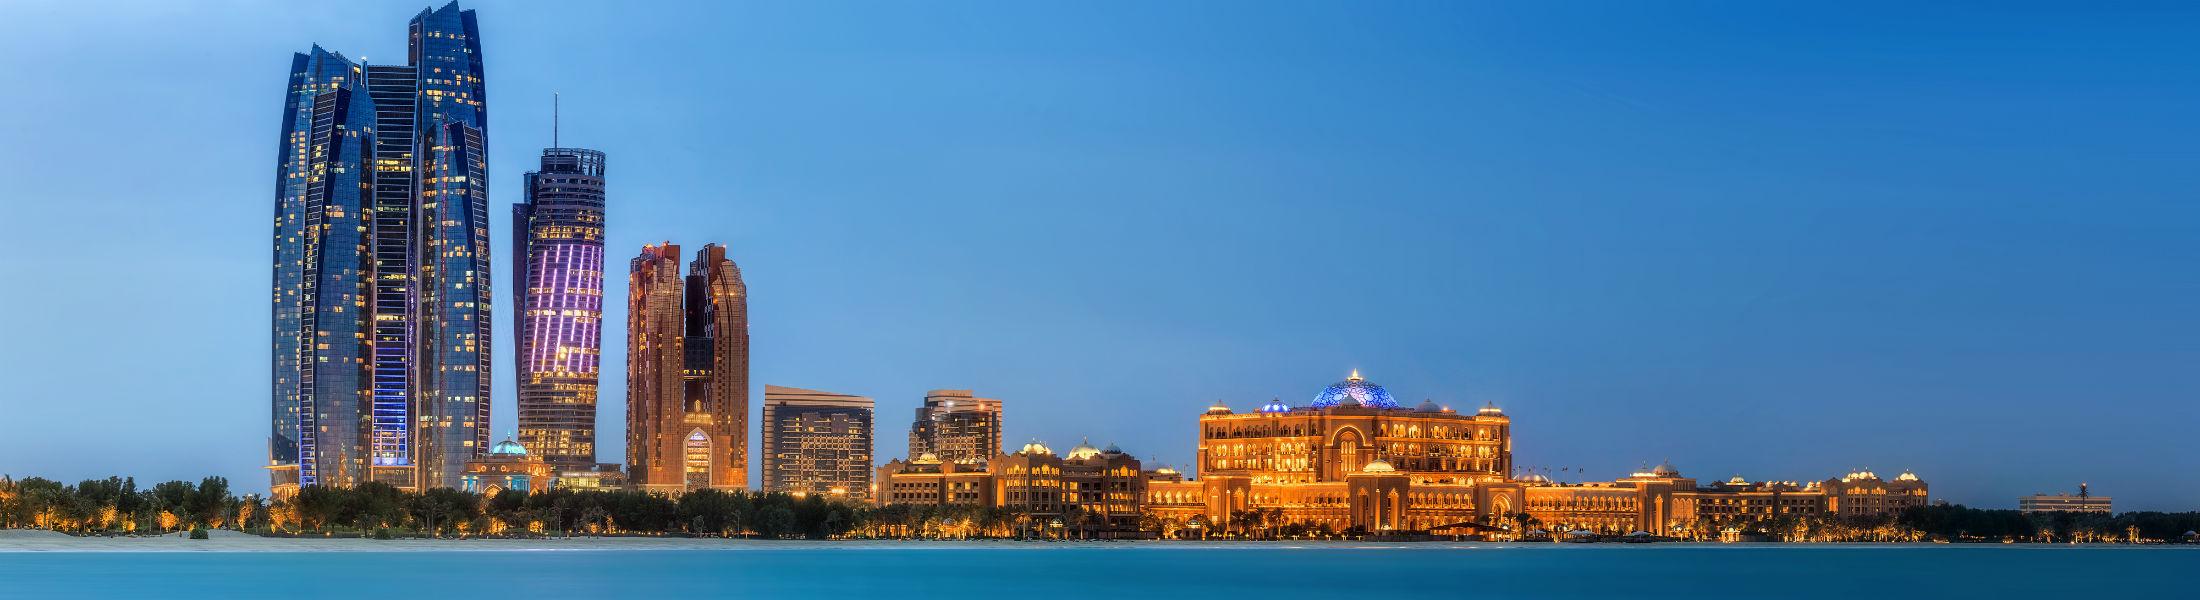 Abu Dhabi Skyline at sunset United Arab Emirates